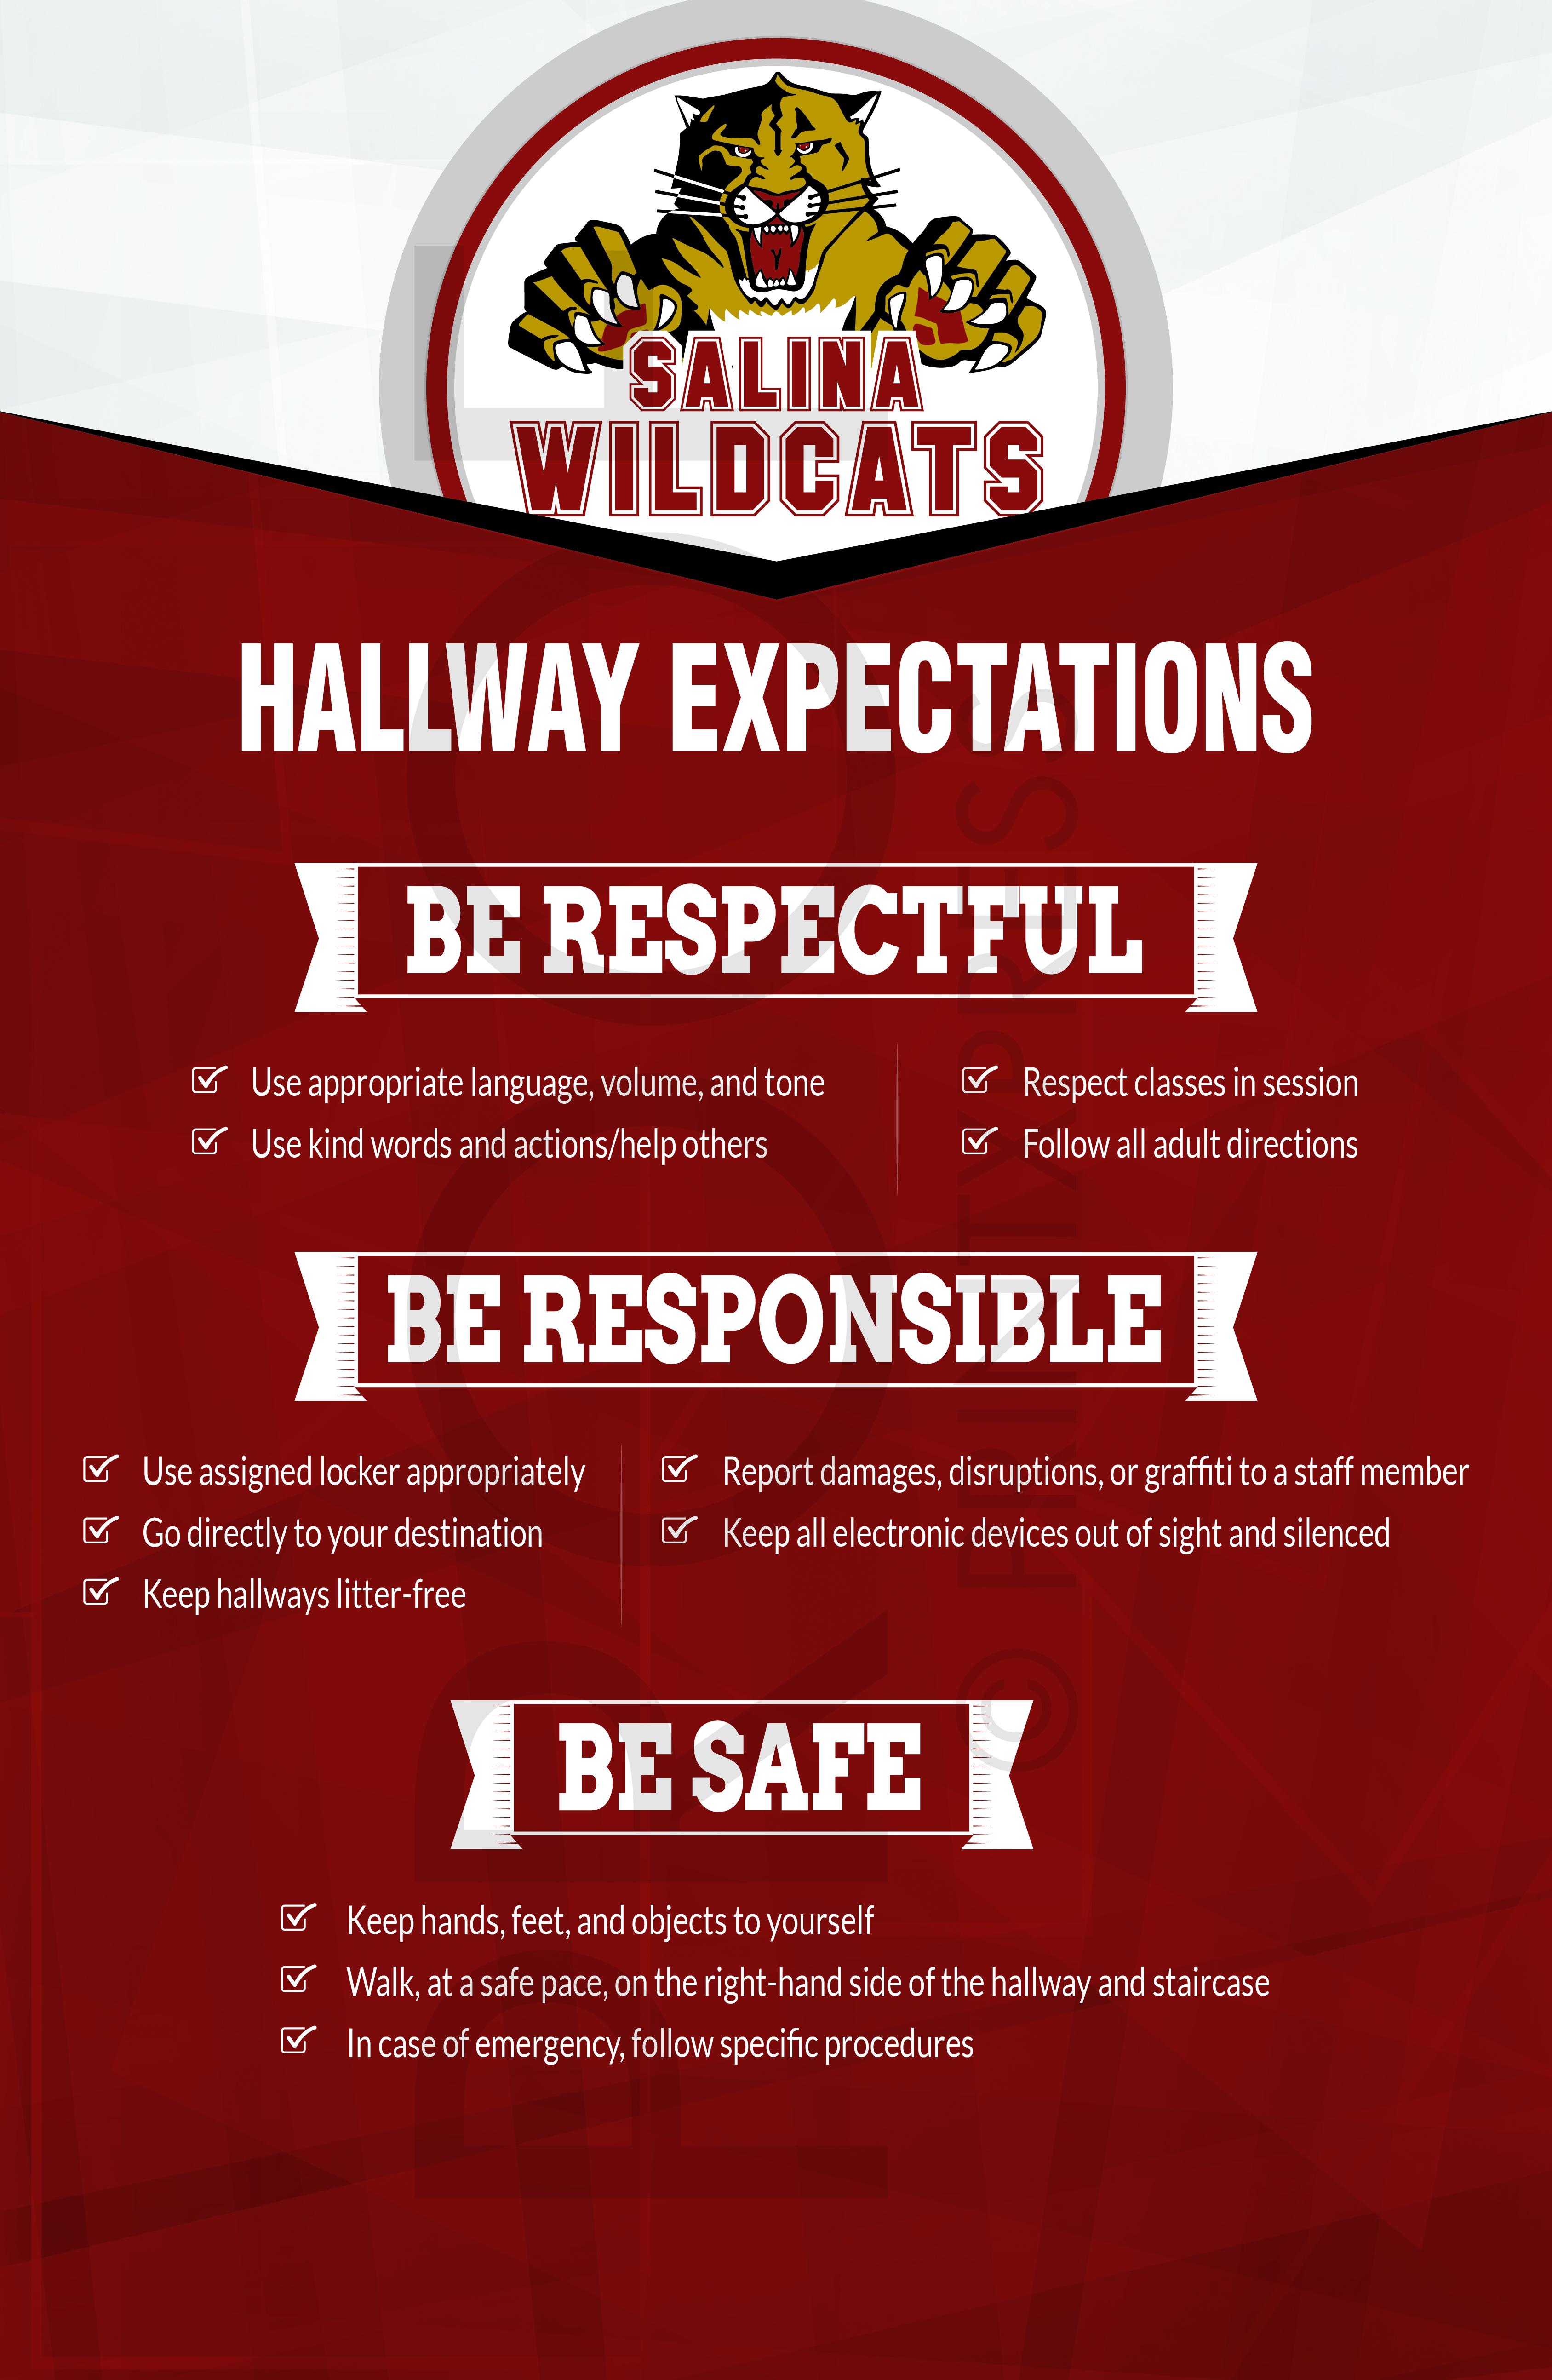 hallway-expectation-1